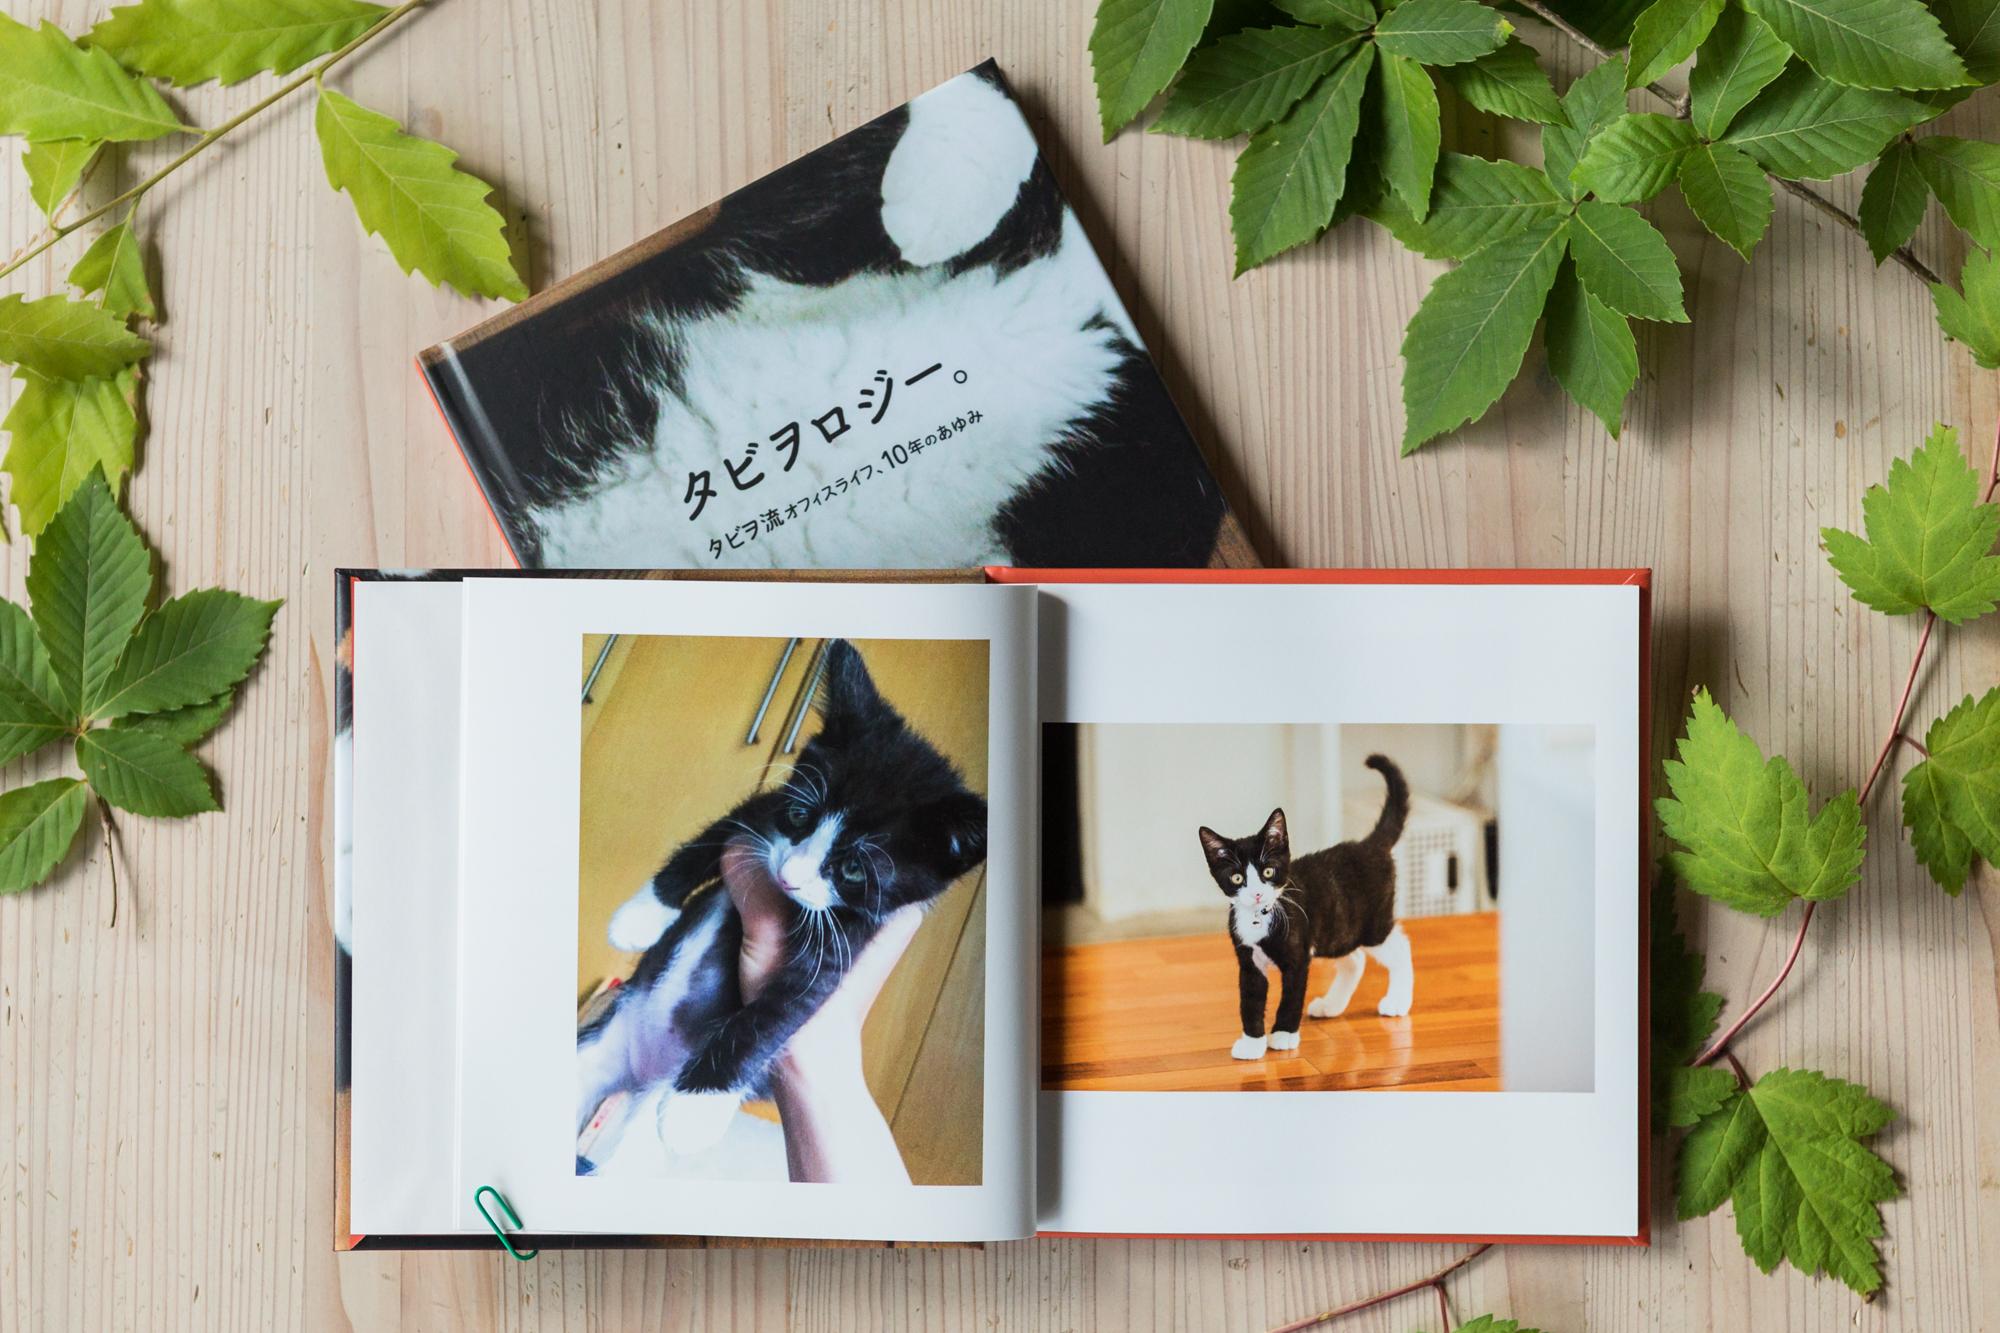 社猫、タビヲの写真集解禁!オンライン・チャリティショップ「モネリコ」で販売します